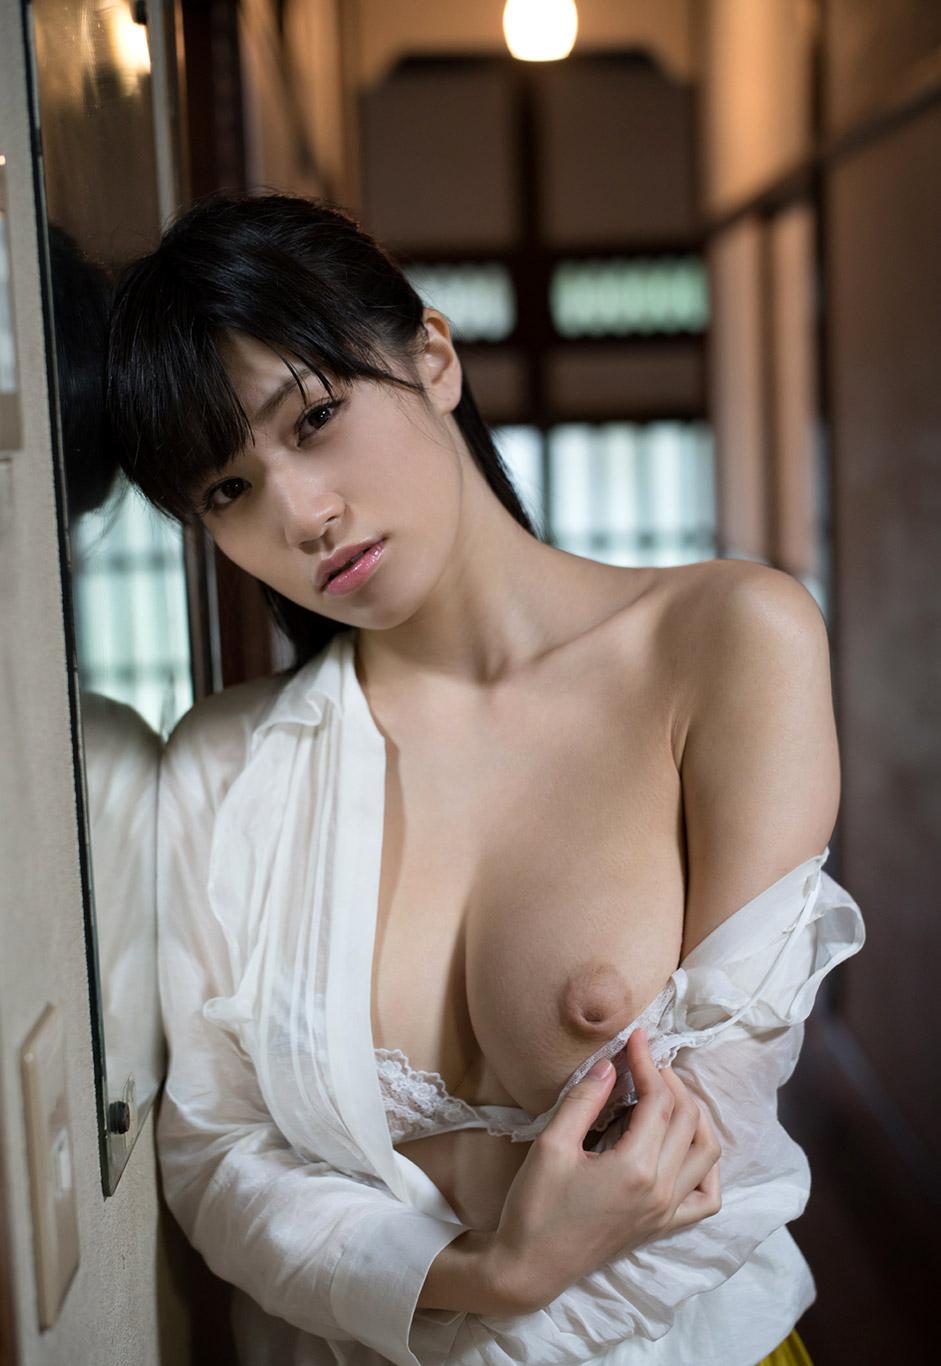 Hot Sex Fuck Free Porn Hd